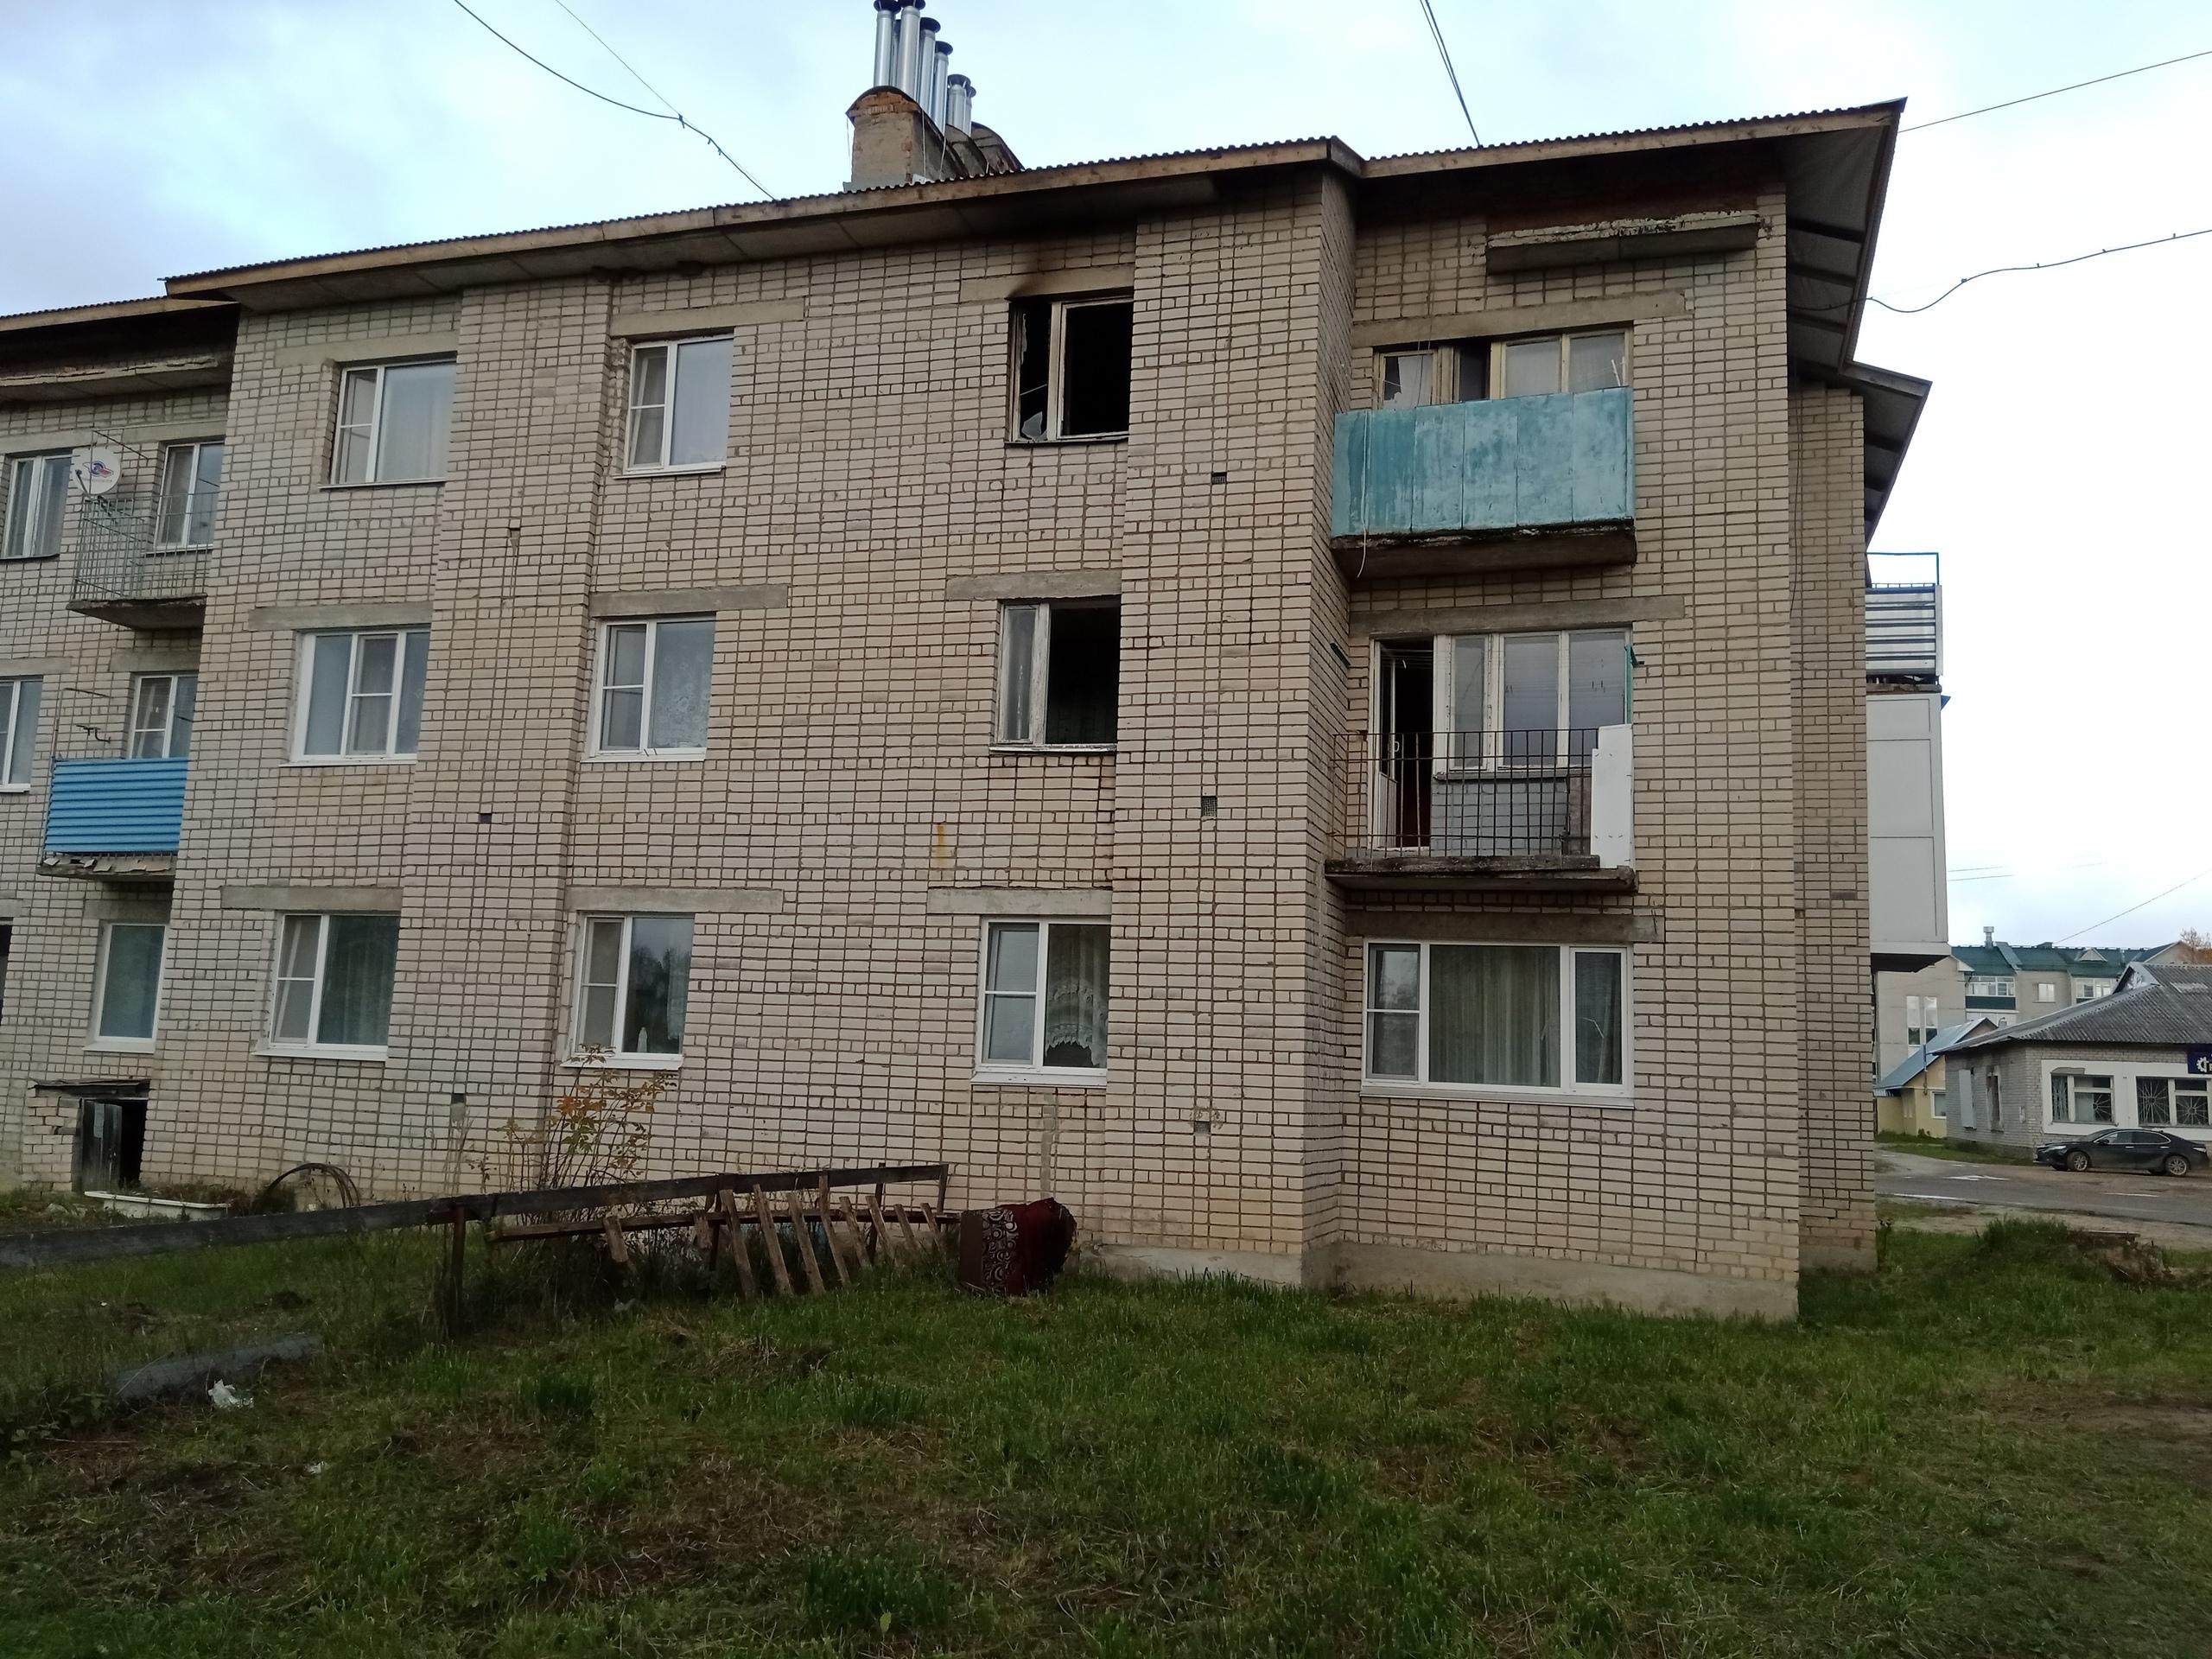 Фото ГУ МС России по Вологодской области